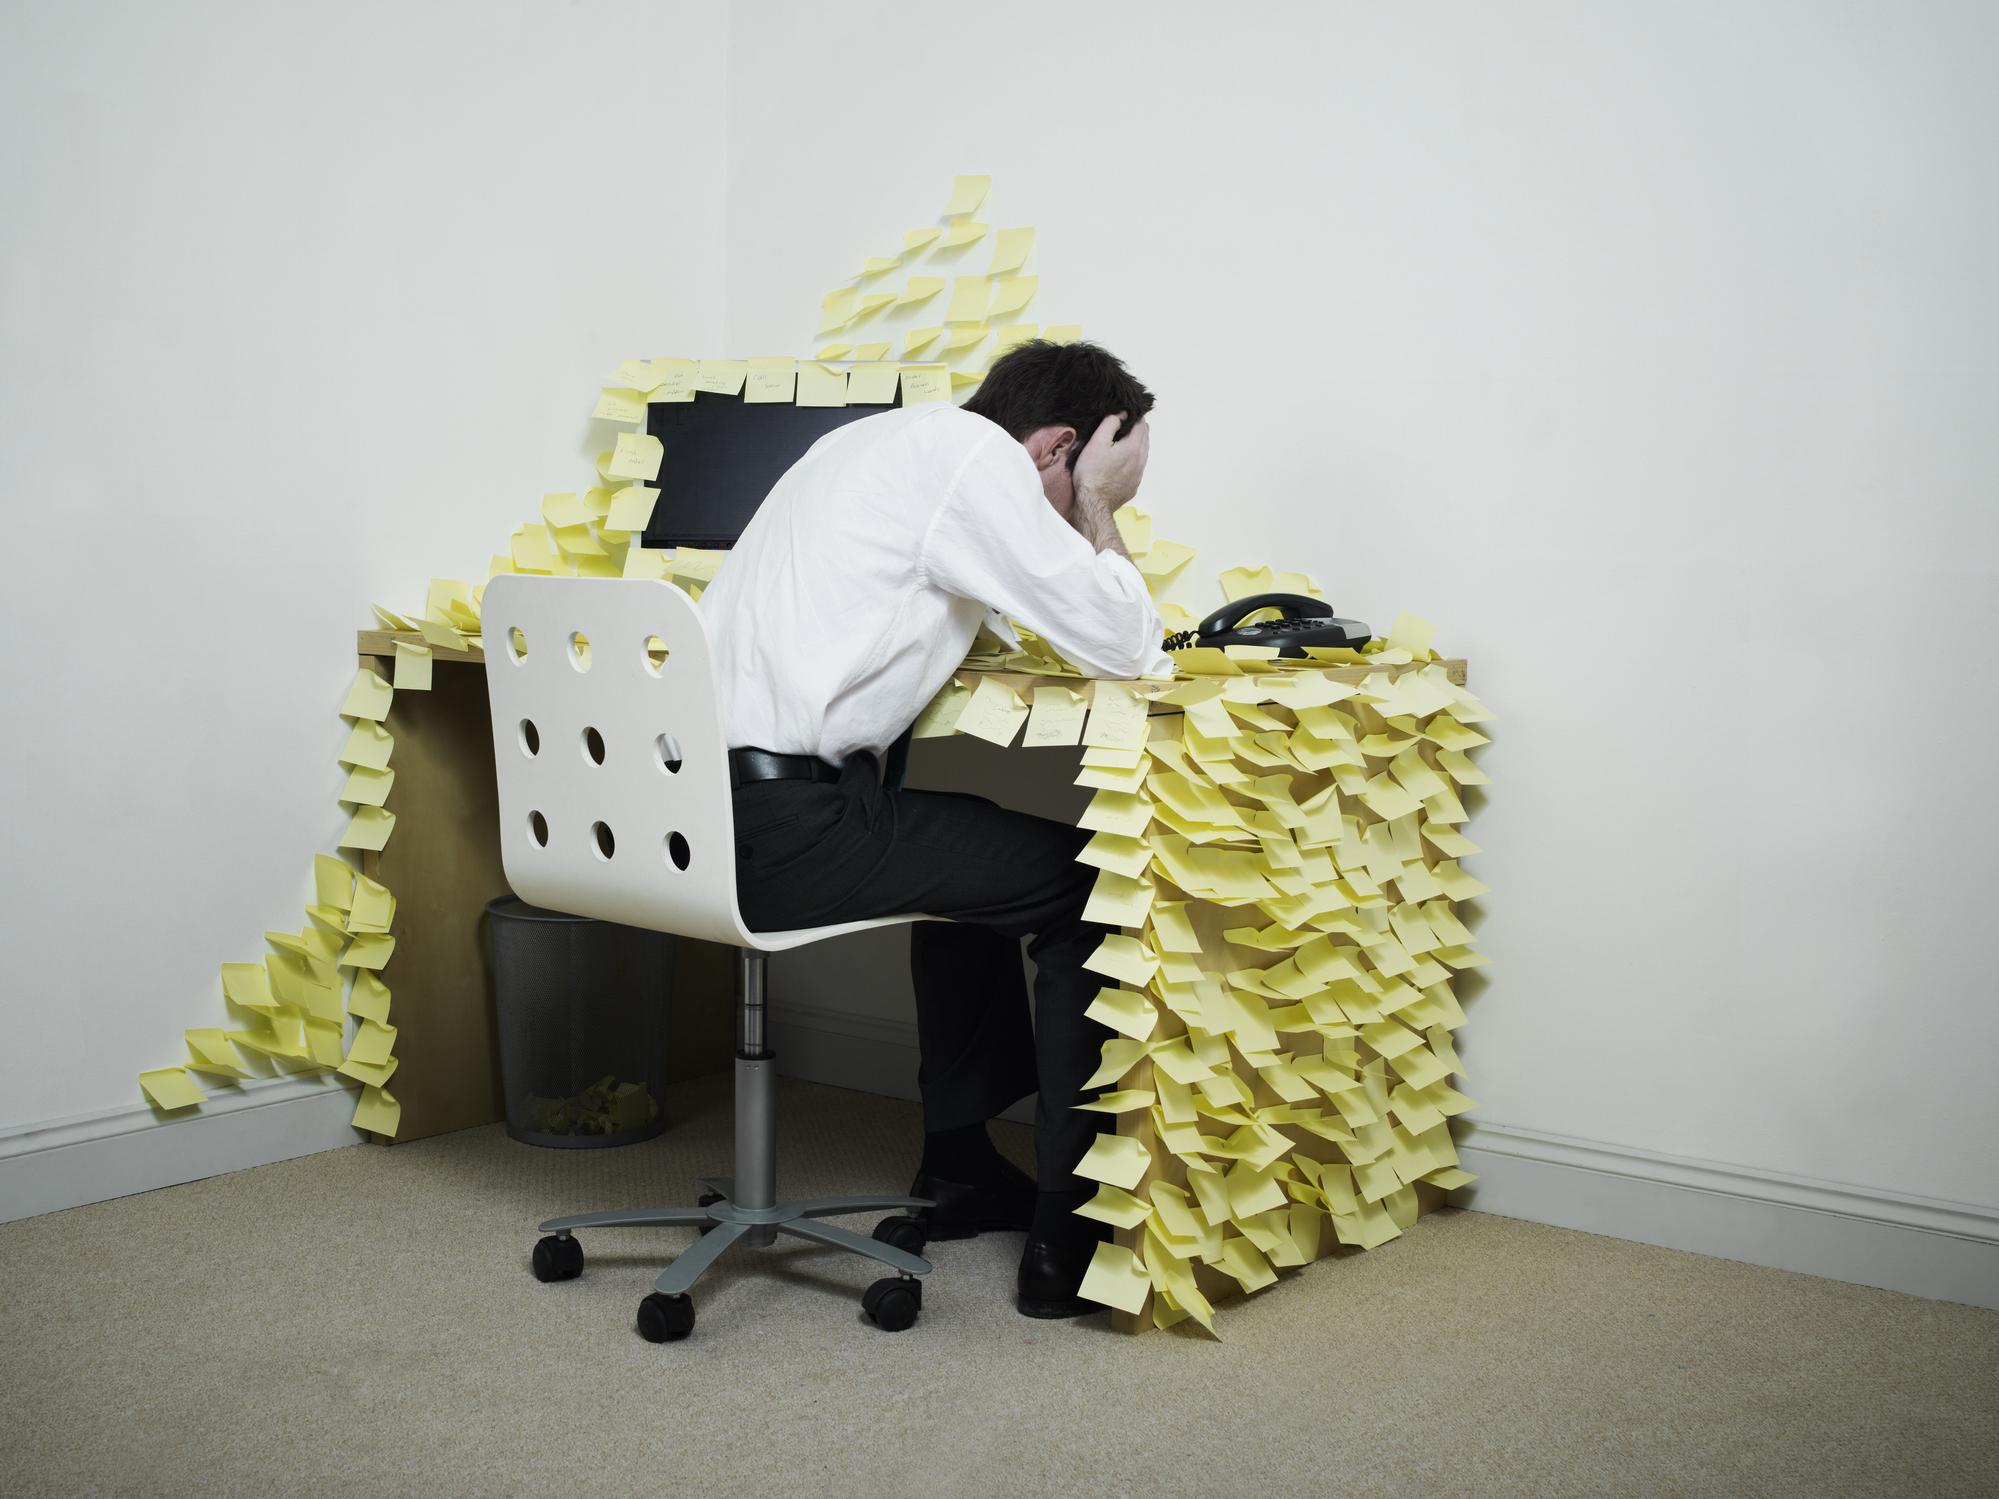 You are currently viewing Banco comete dano moral coletivo ao realizar gestão por estresse